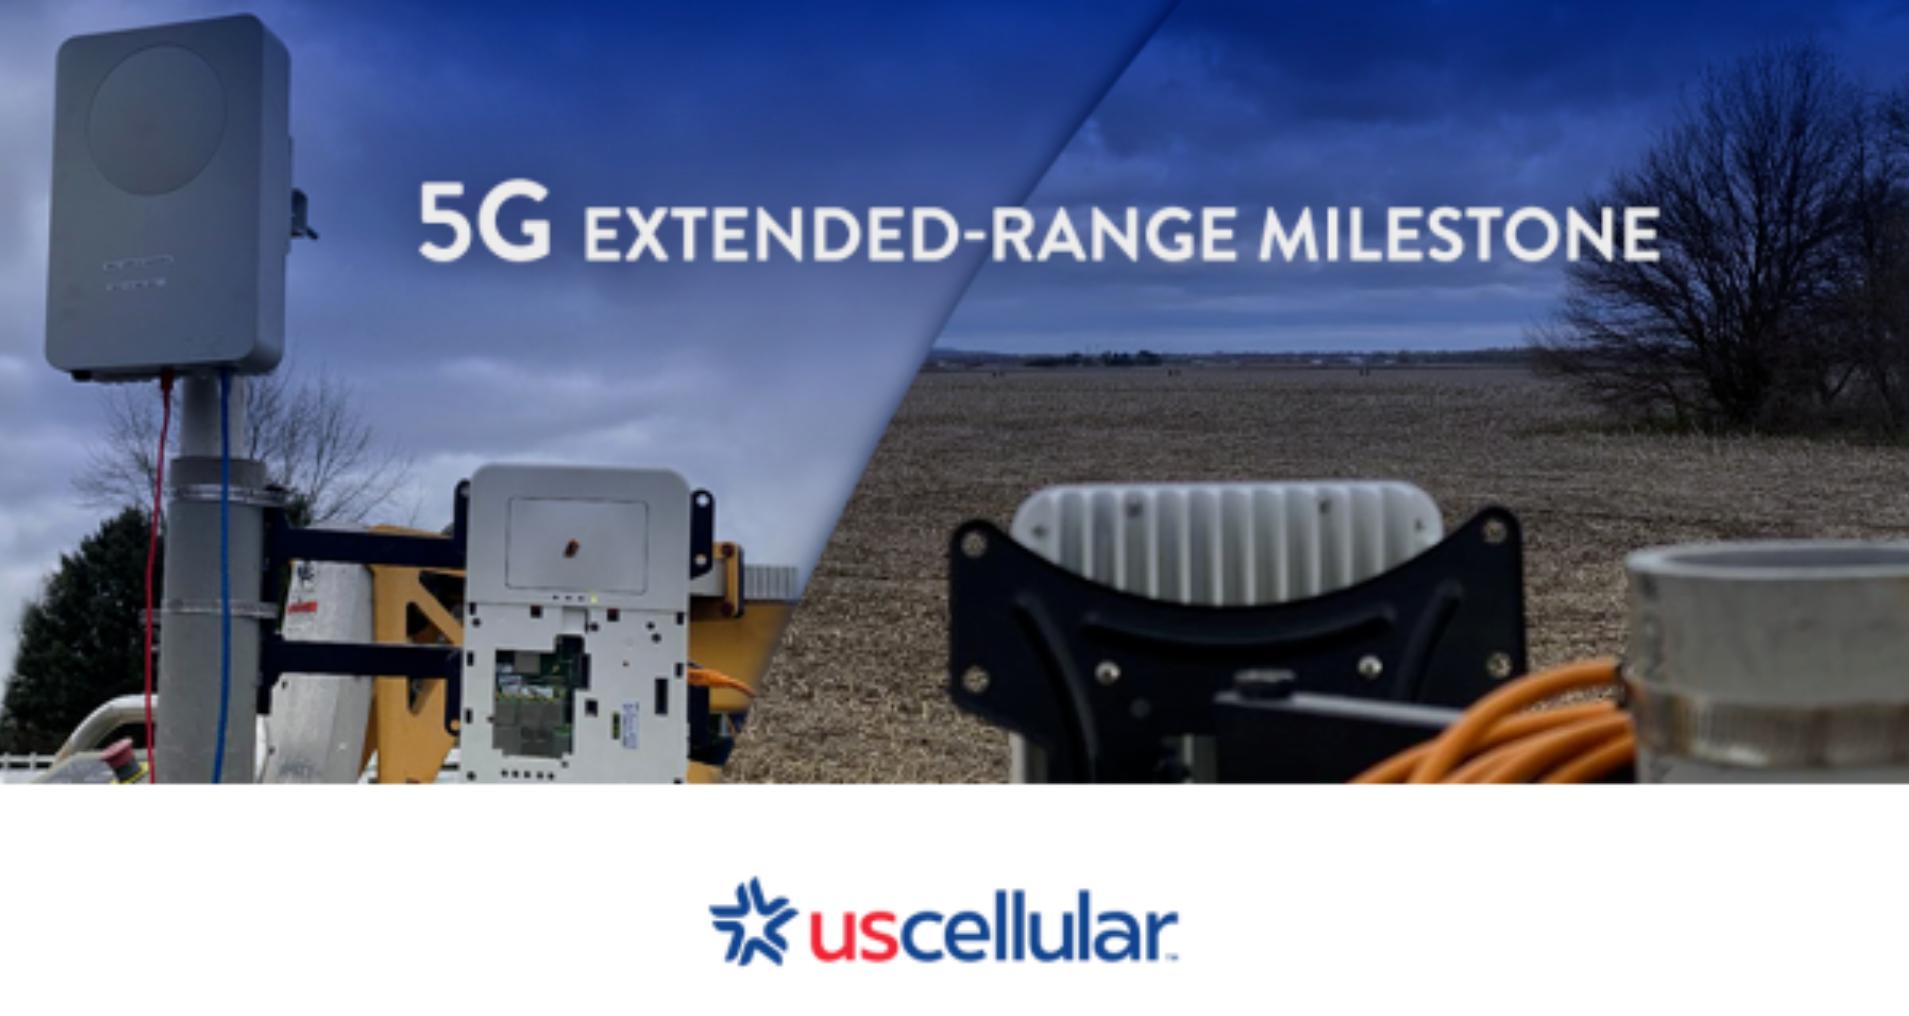 UScellular ลุย 5G mmWave ยิงสัญญาณเพิ่มรัศมีไกล 10 กิโลเมตร ทำความเร็ว Gbps ผ่านอุปกรณ์ Nokia และ Qualcomm